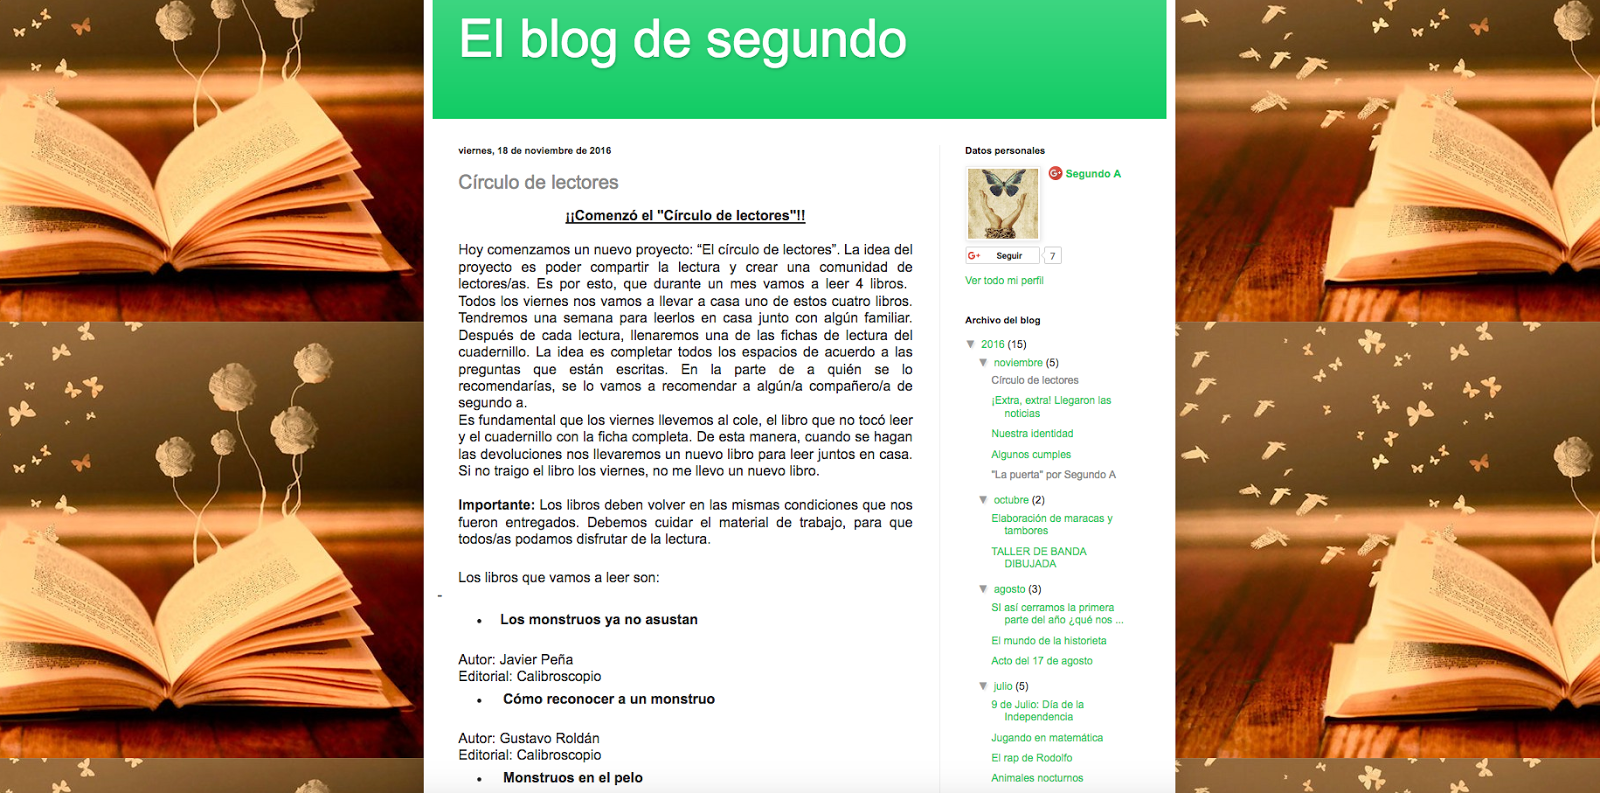 BLOG SEGUNDO GRADO - 2016